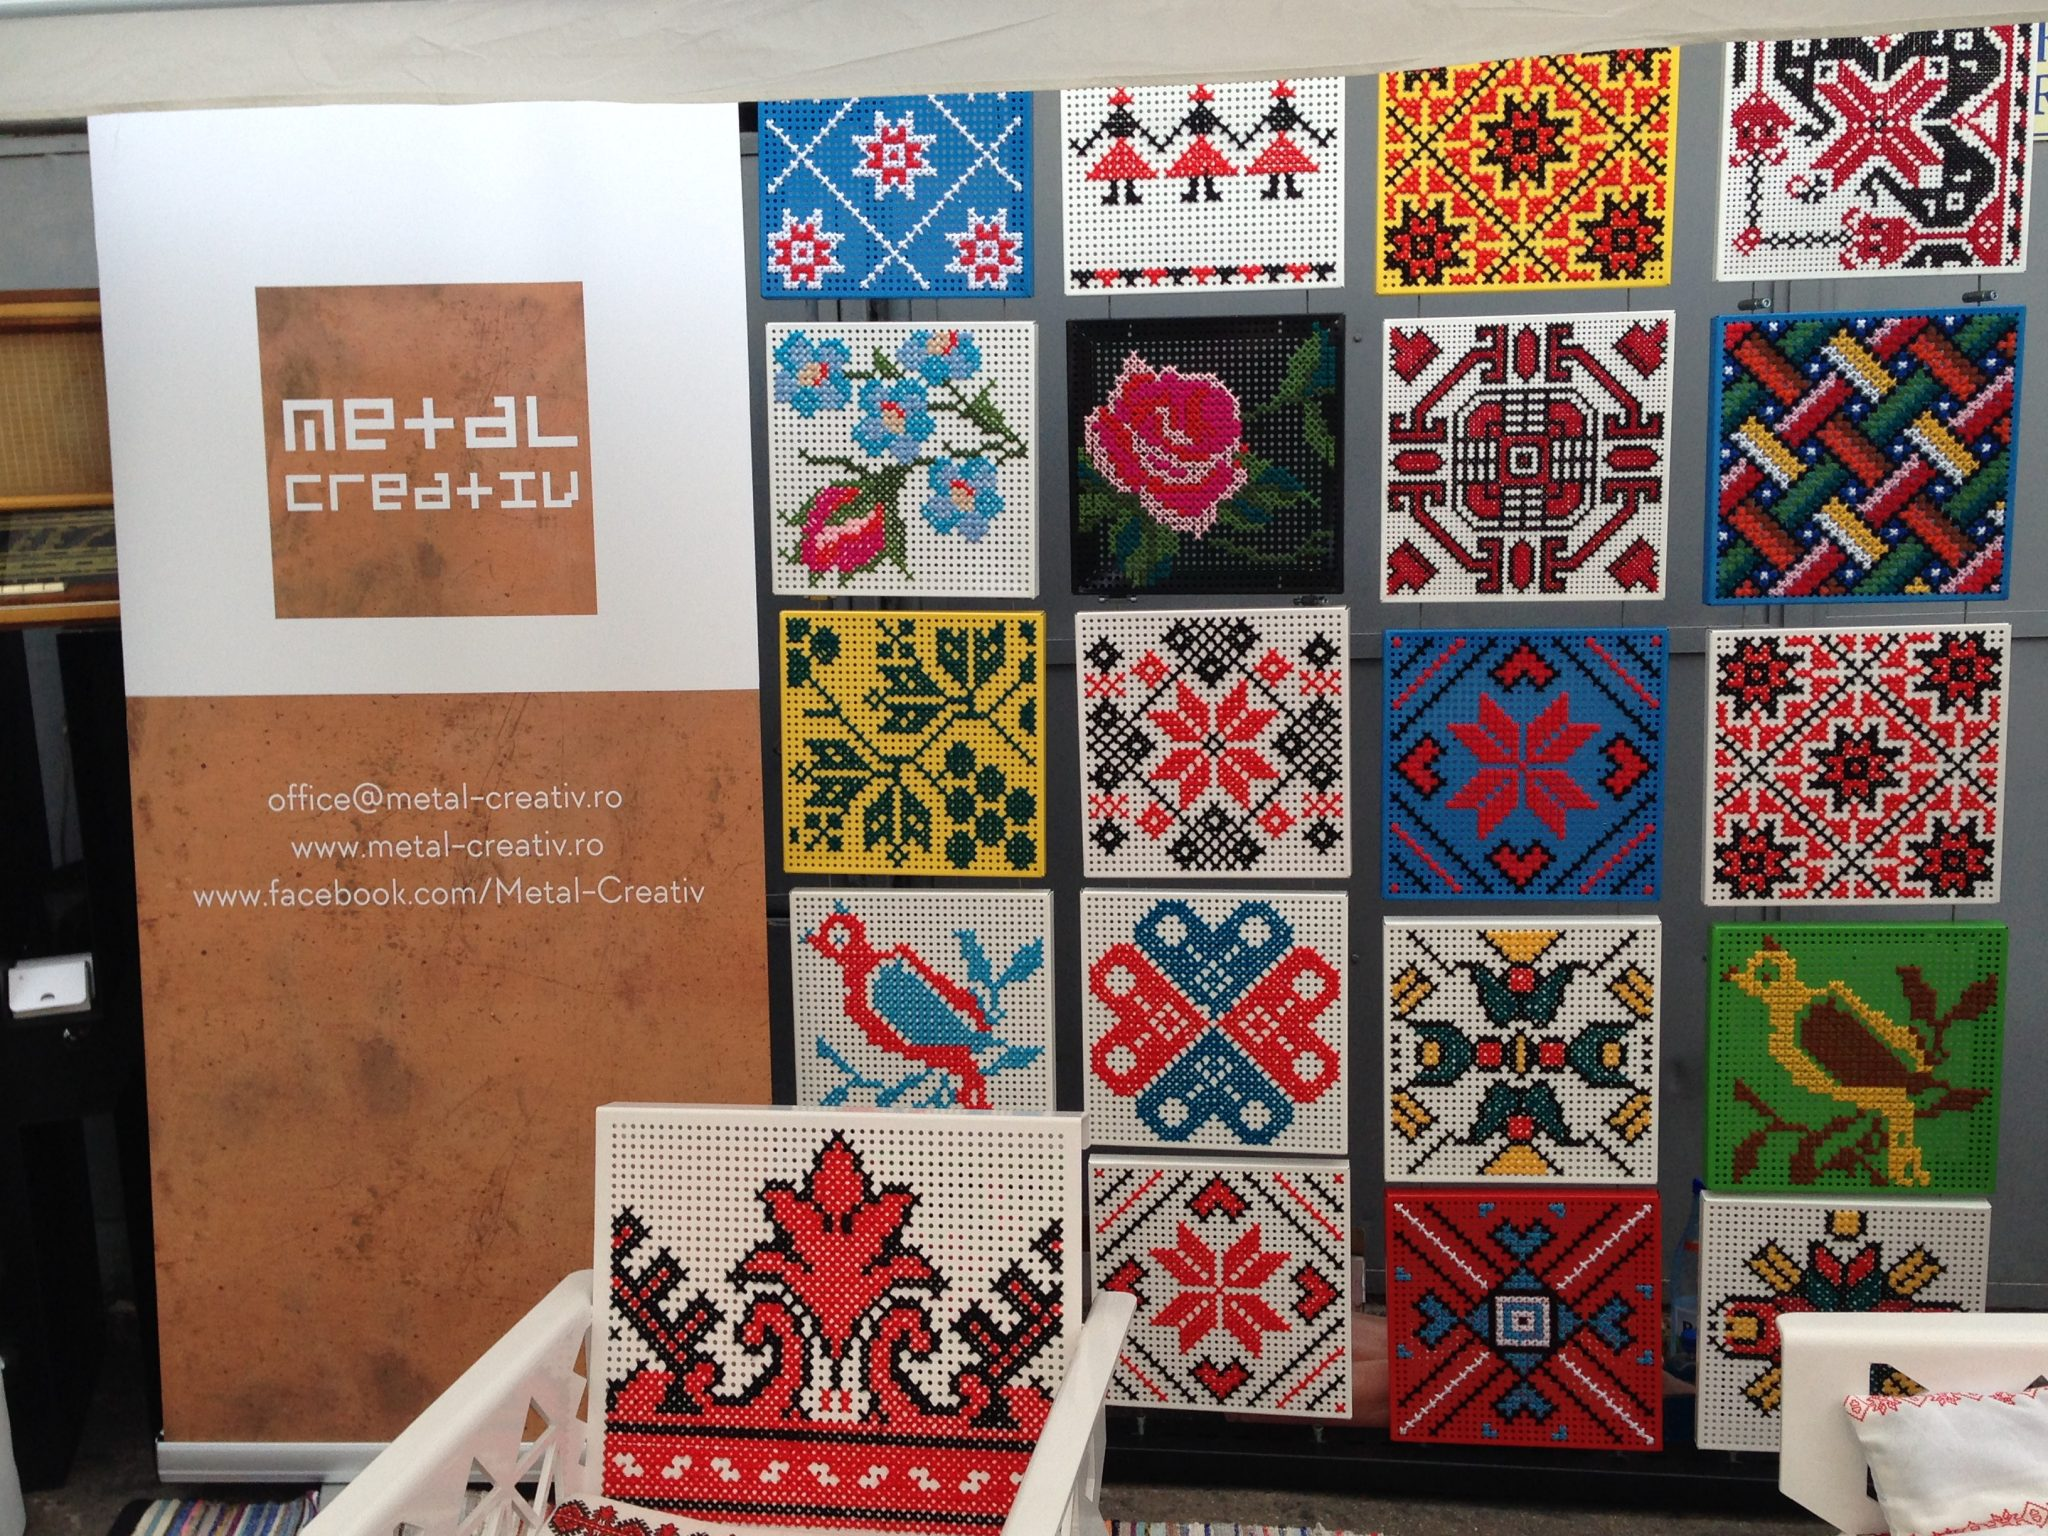 panouri decorative la Femei pe Matasari